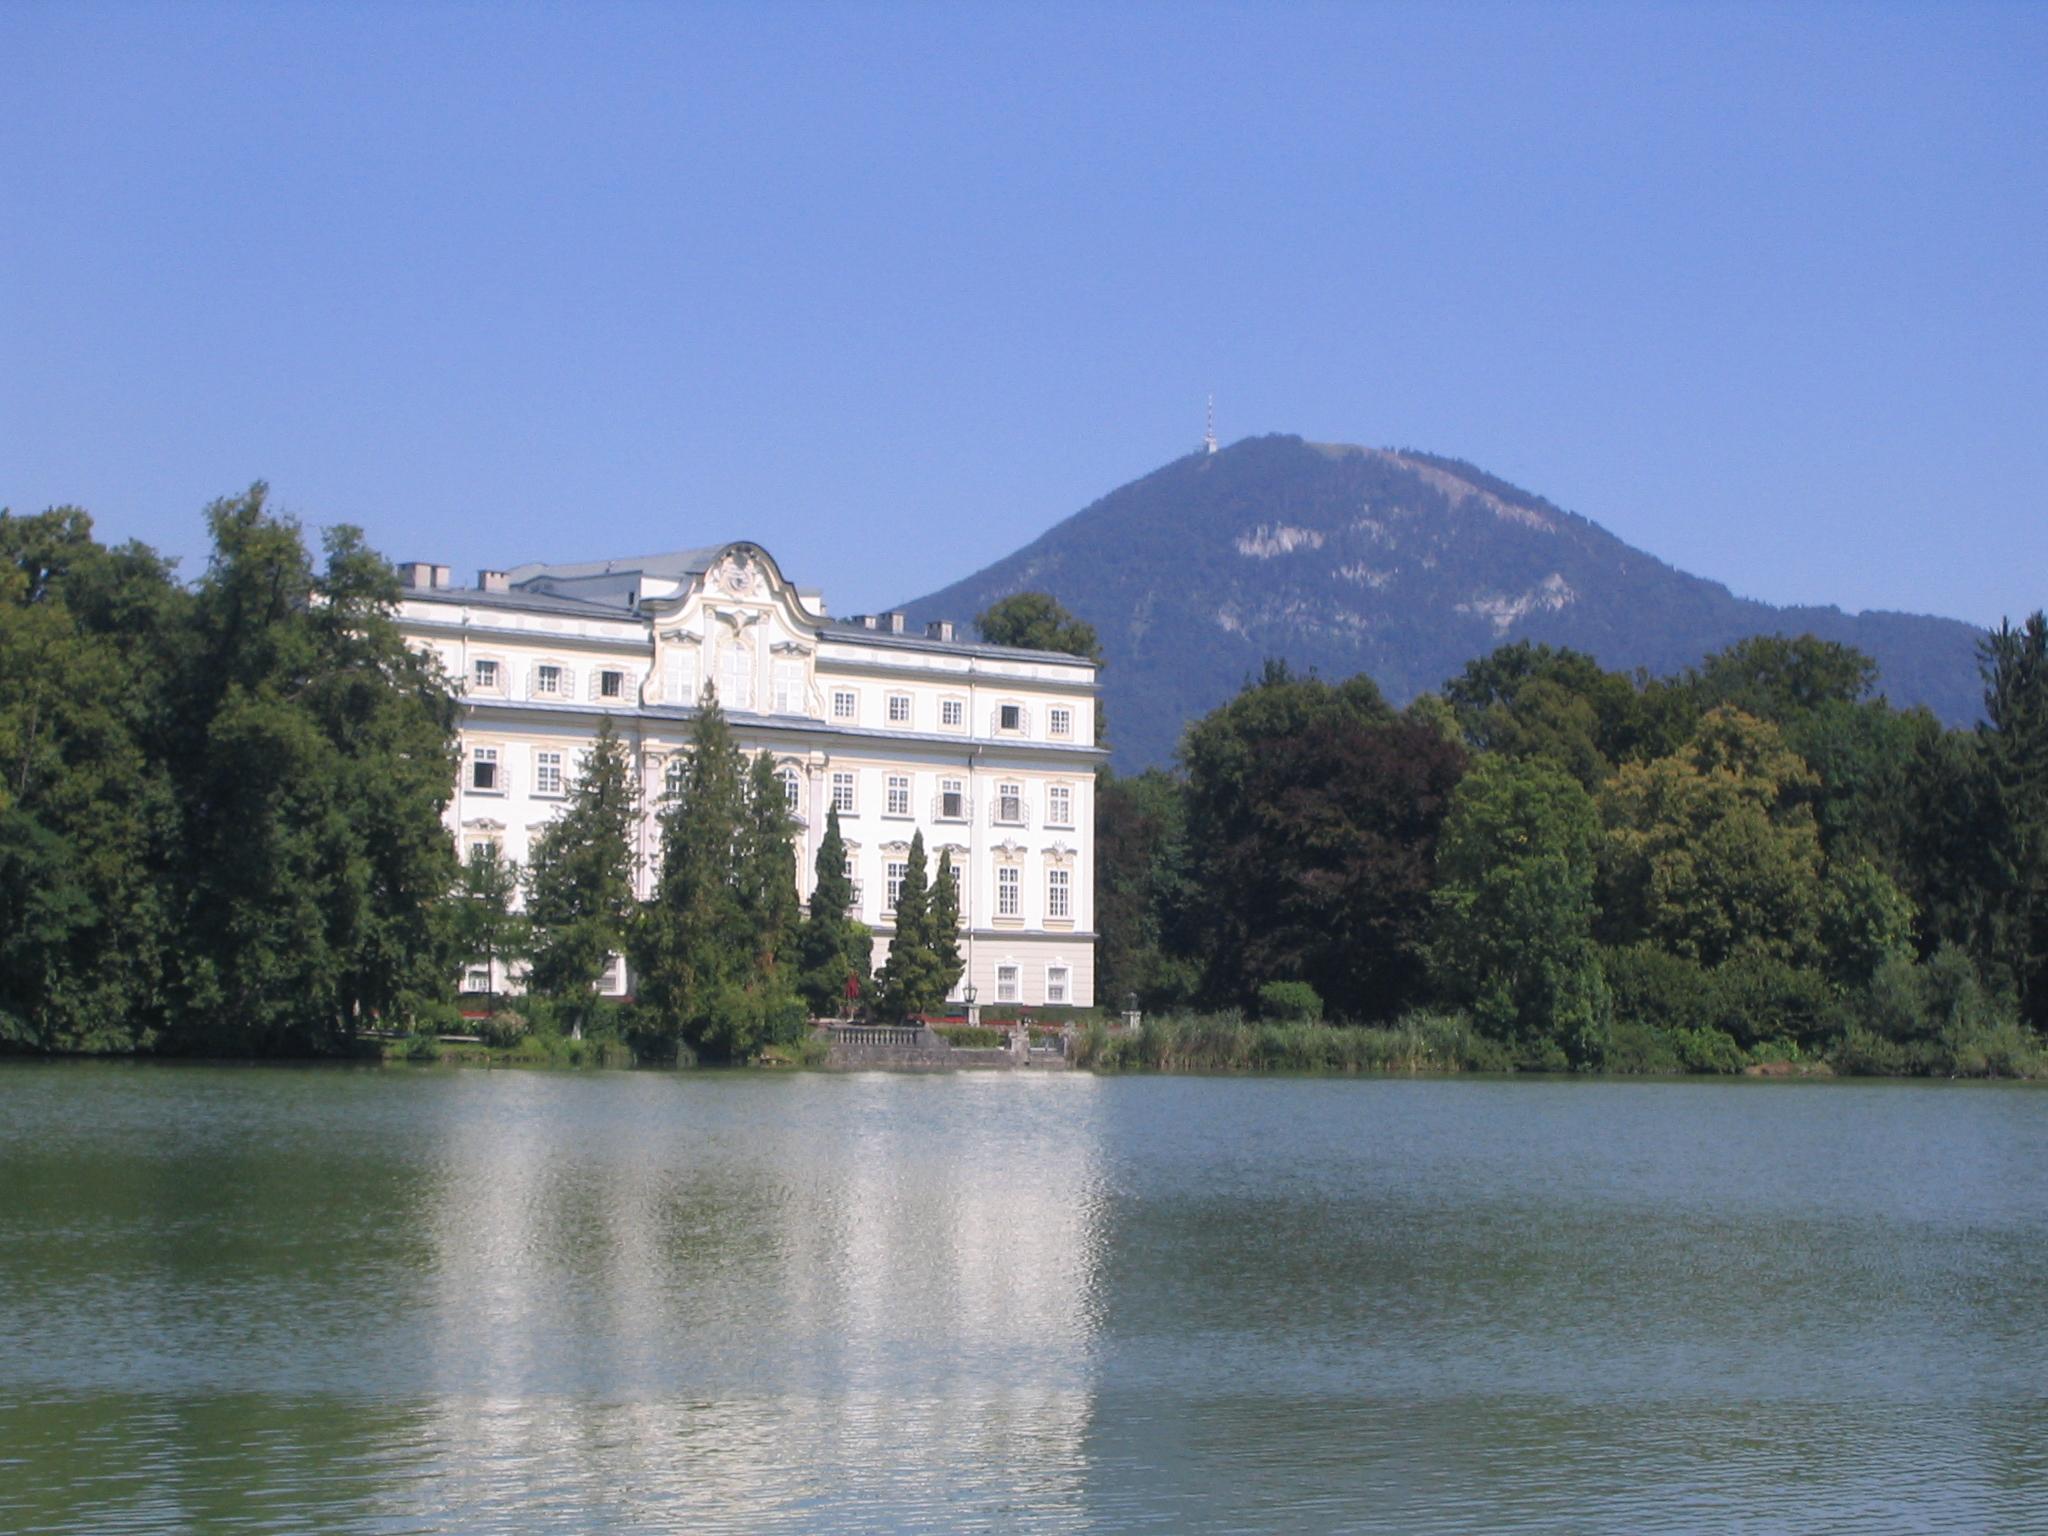 ザルツブルグ(オーストリア)